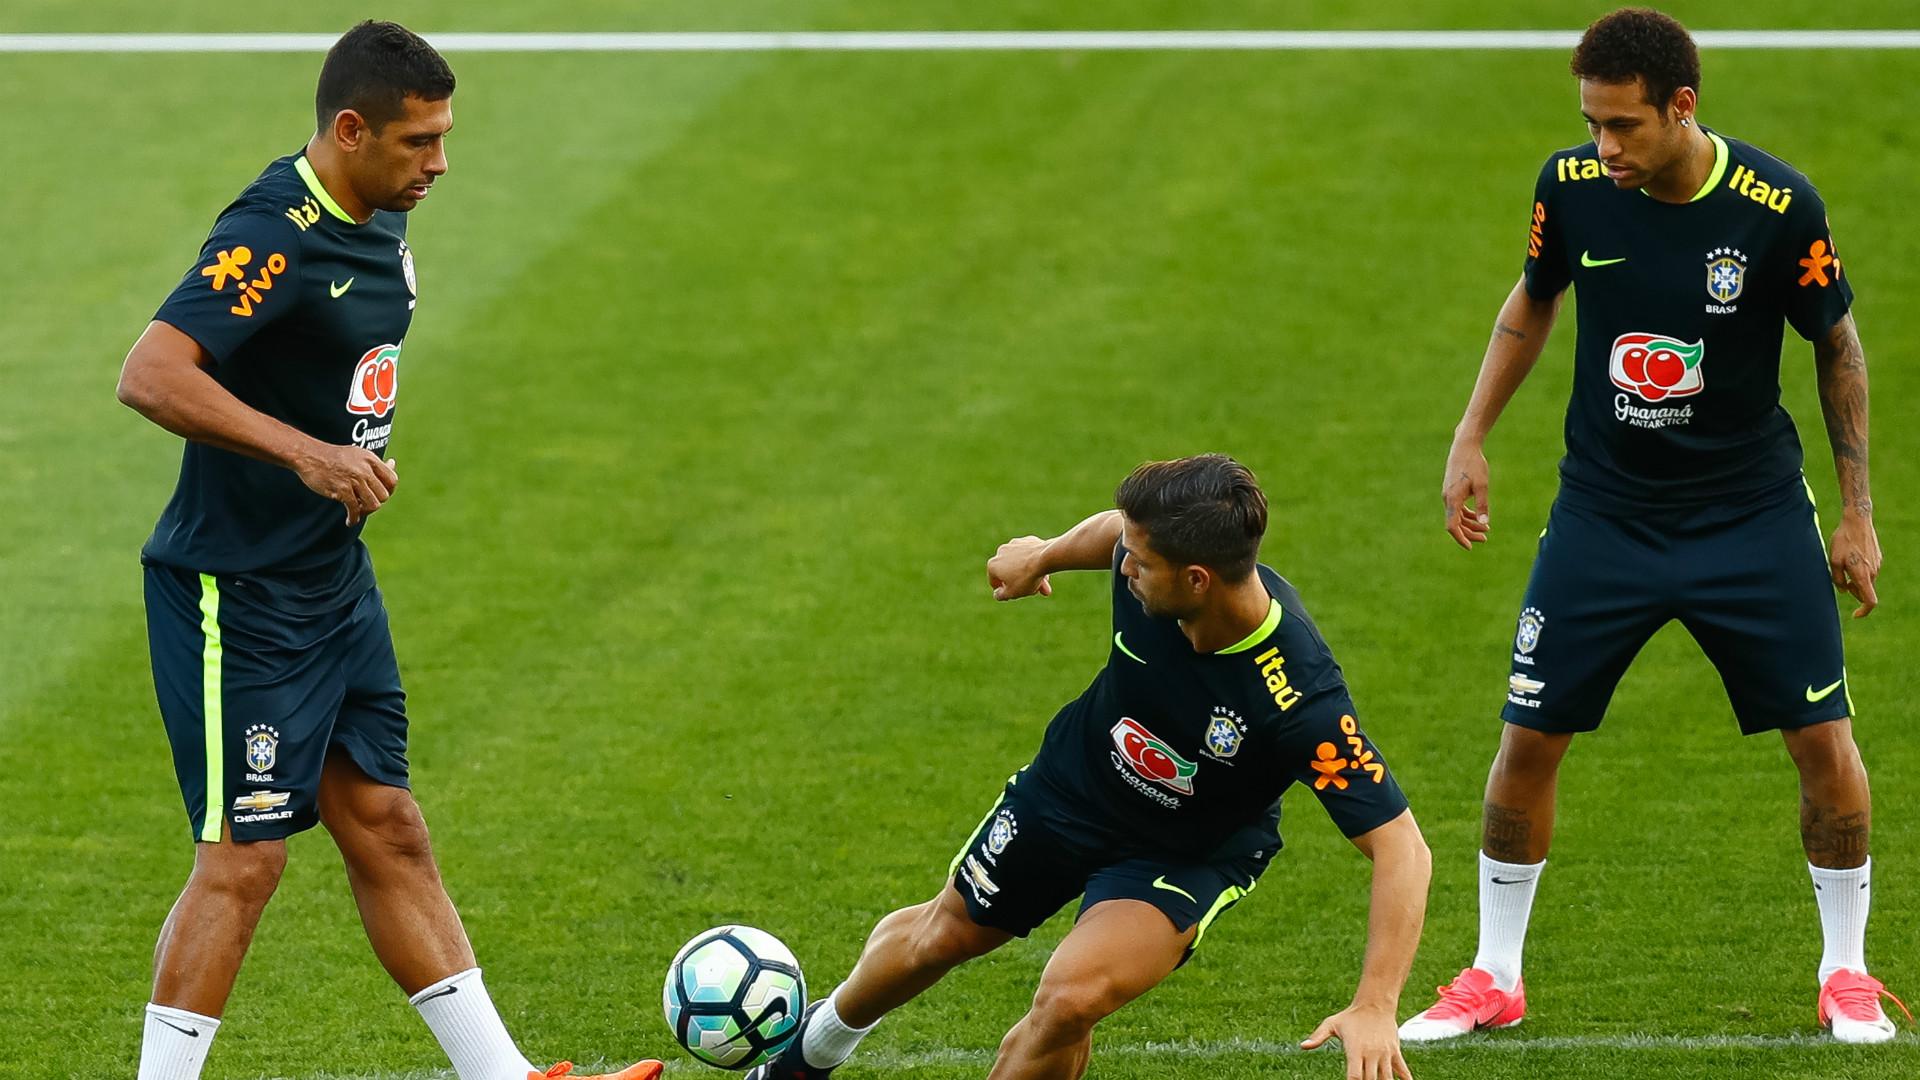 Diego Souza, Diego e Neymar - Brasil - 27/03/2017